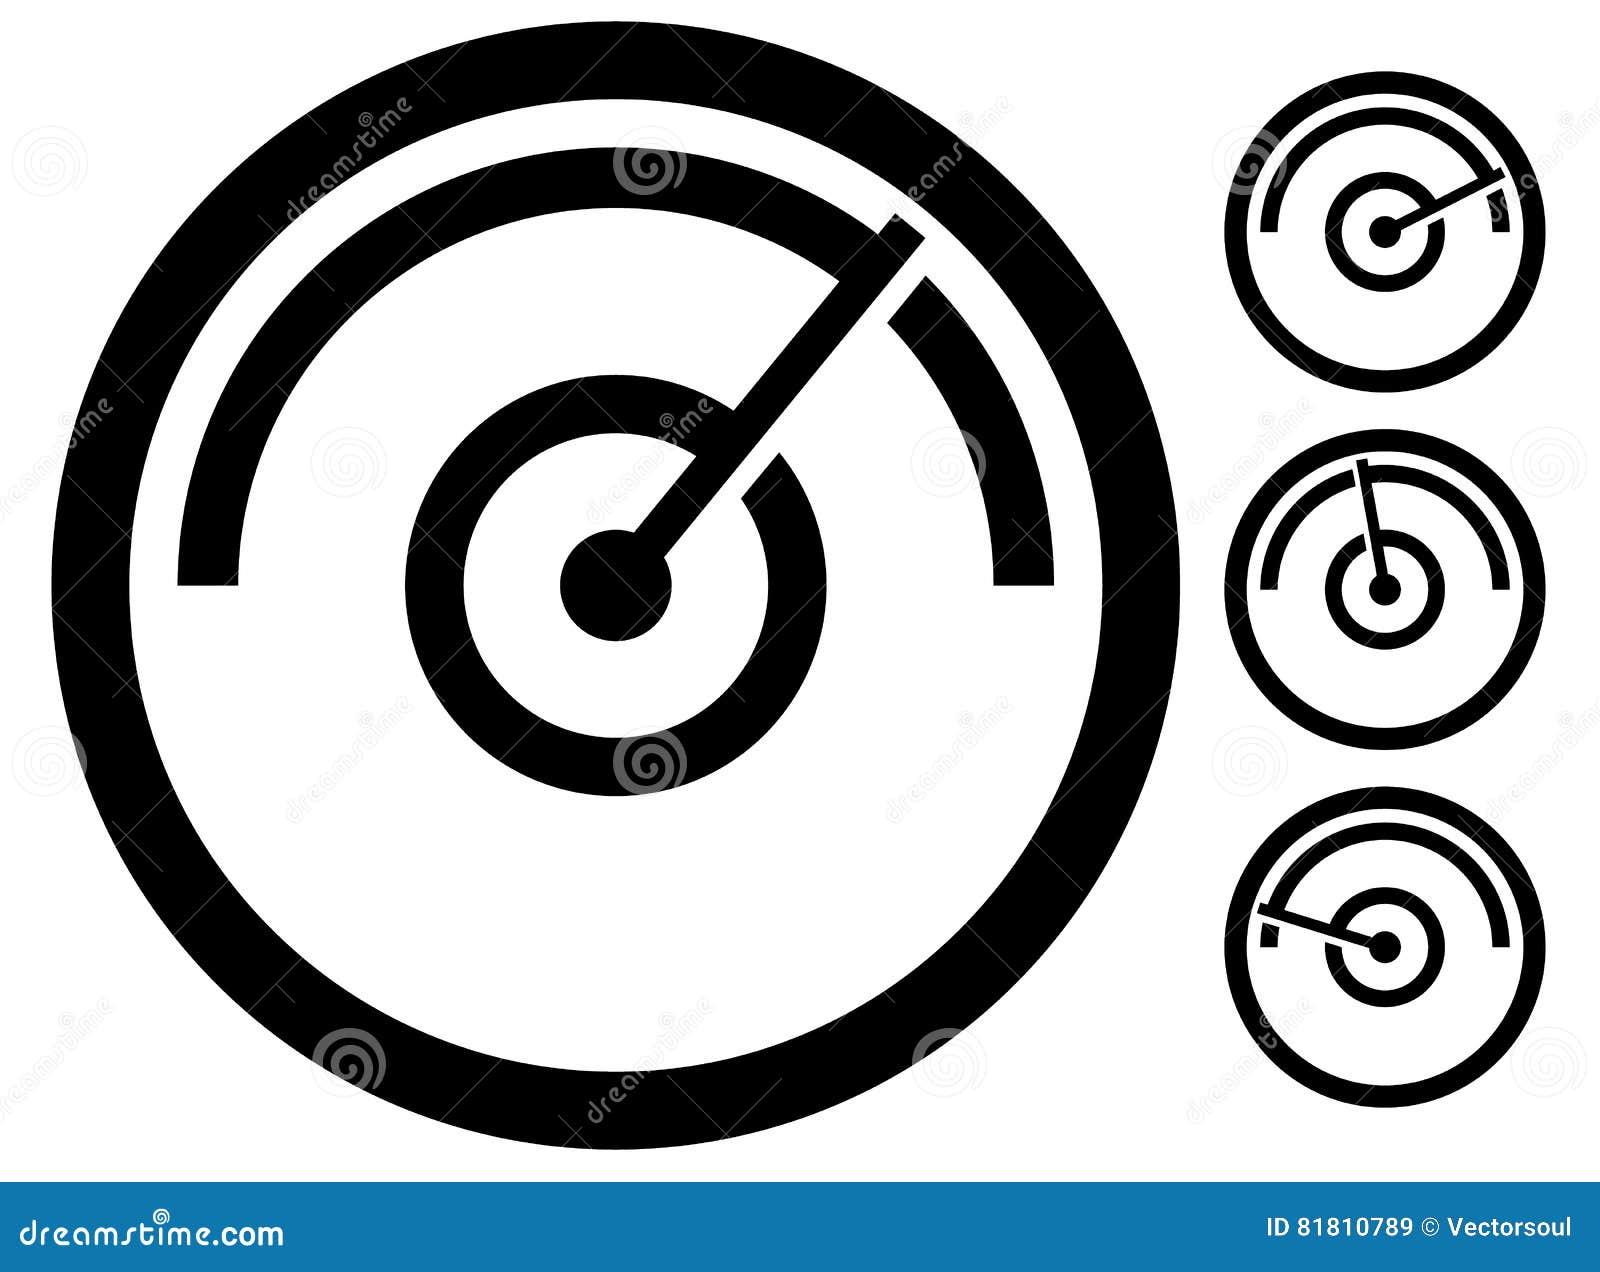 Σύμβολο μετρητών μετρητών, εικονίδιο σε 4 στάδια μετρητής πίεσης, οδόμετρο,